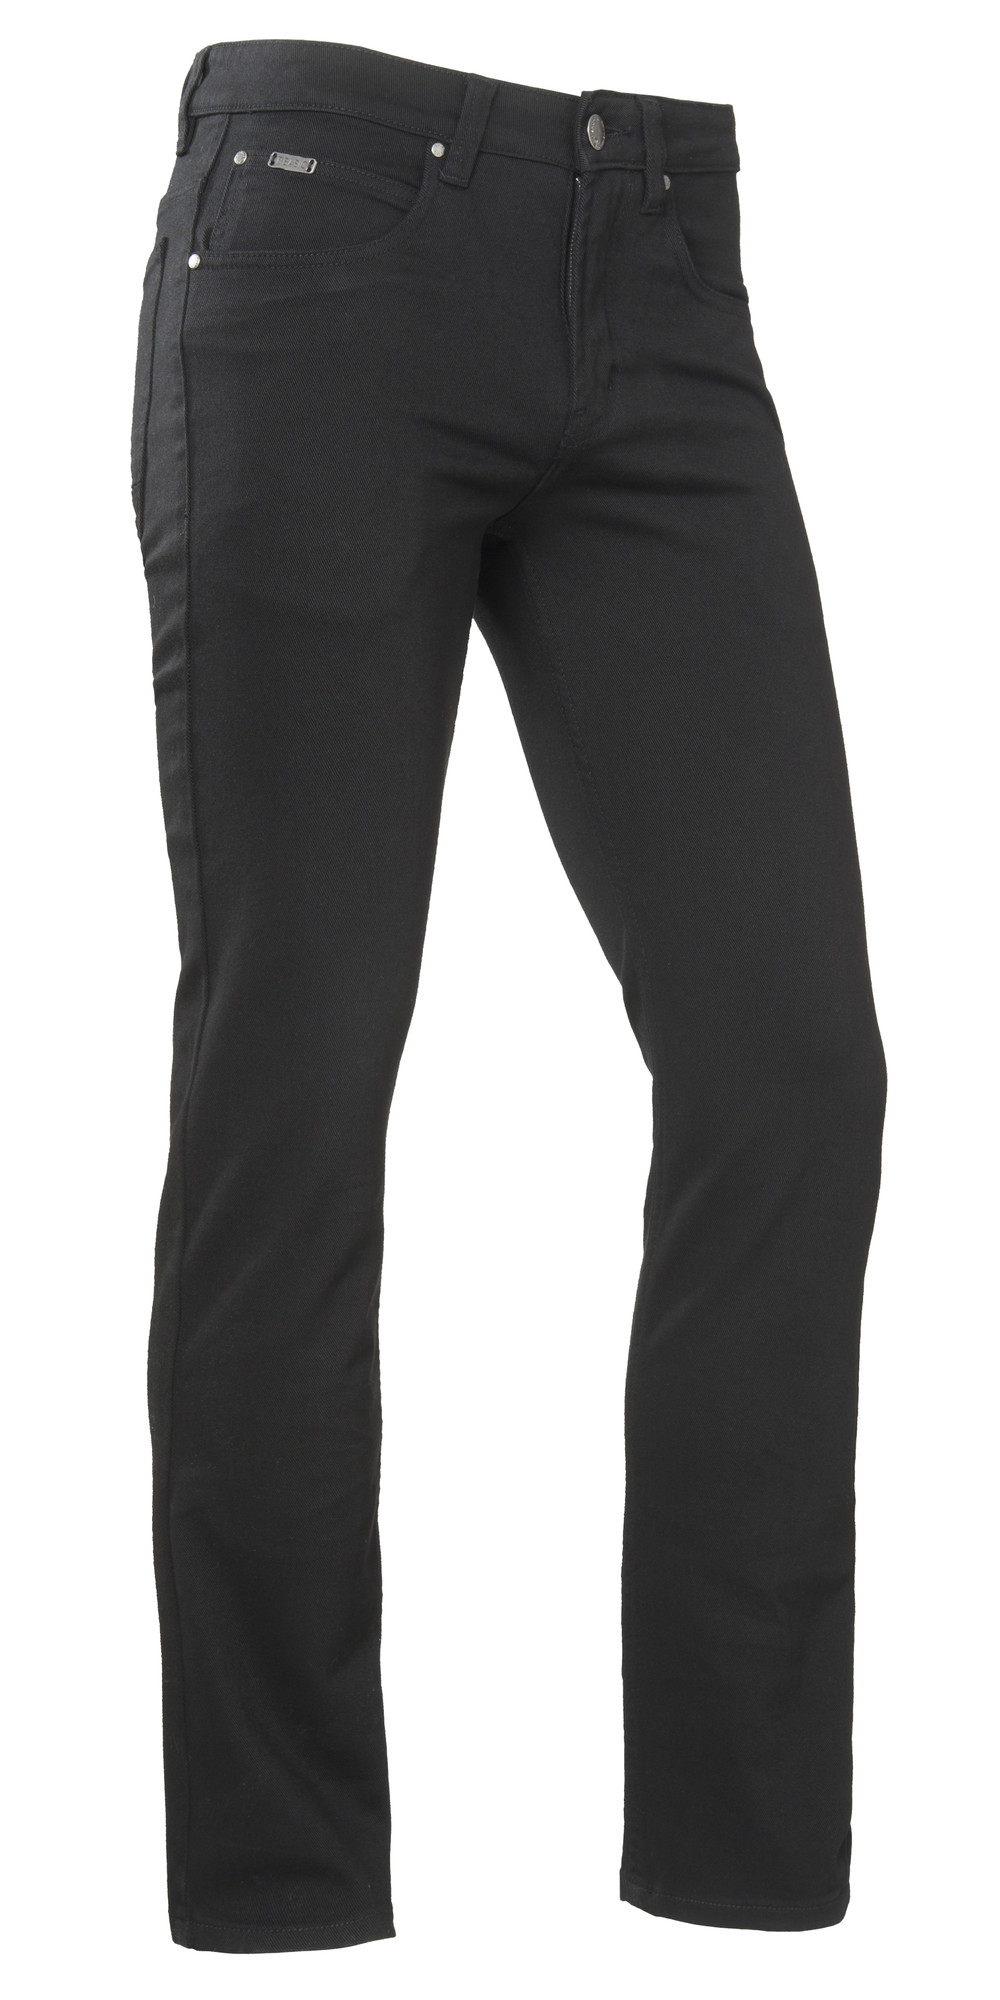 Brams Paris Danny Jeans Stretch (D51 Black Twill) W34-L32